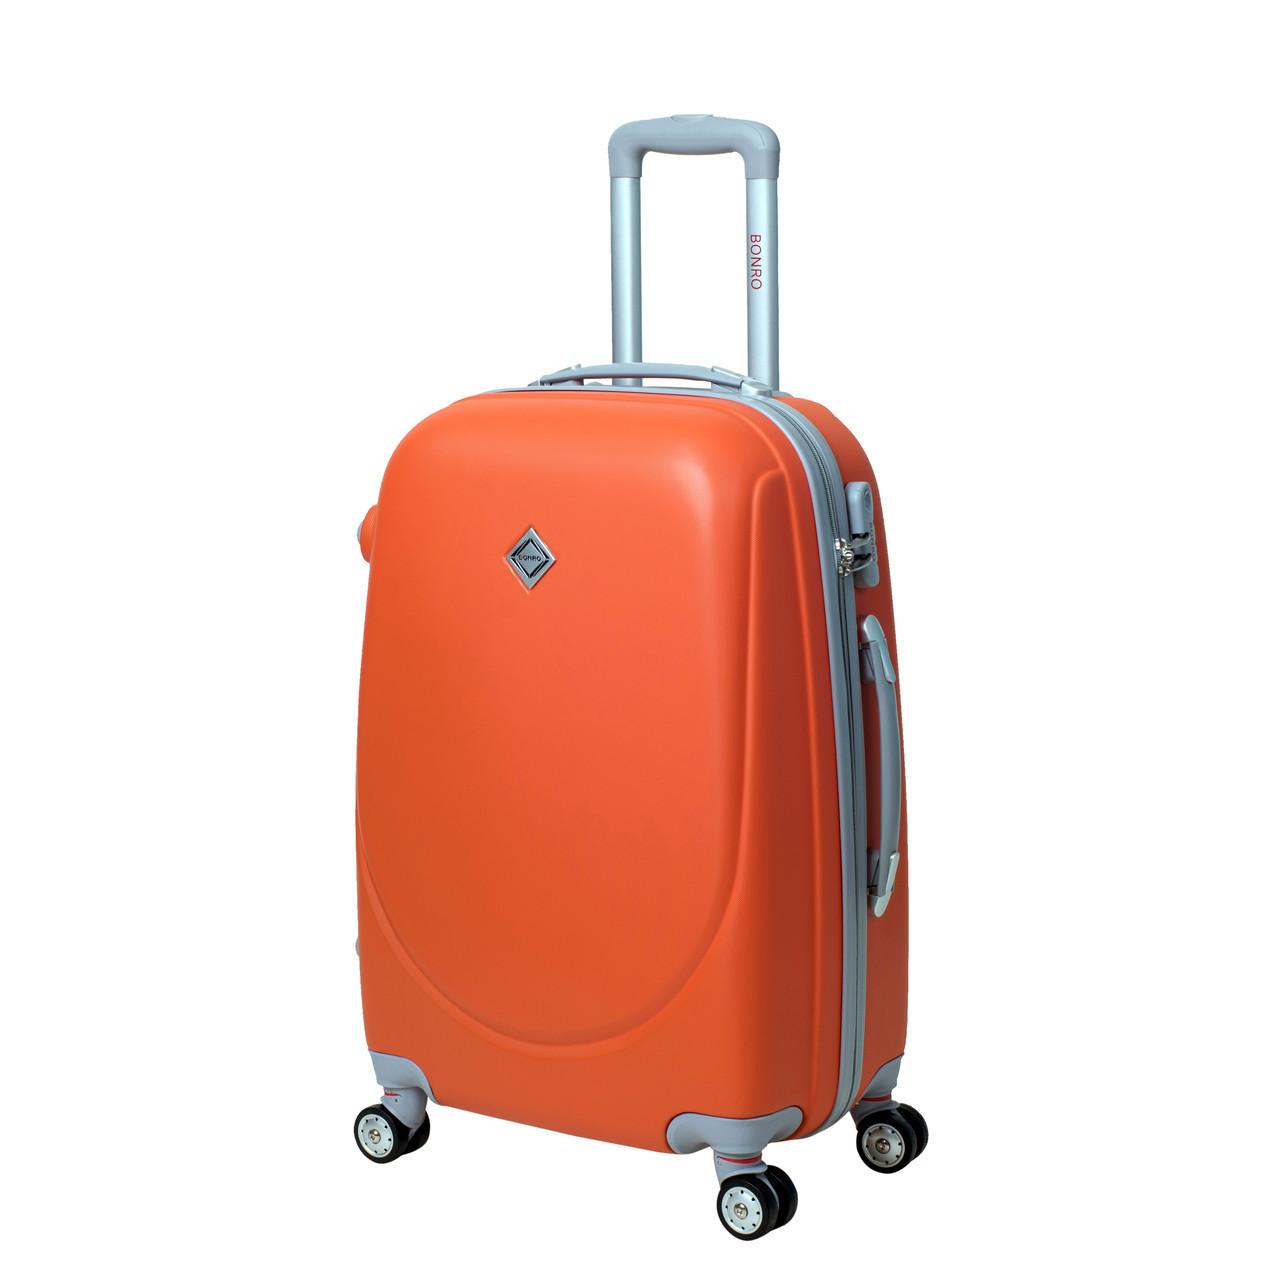 Чемодан Bonro Smile с двойными колесами (большой) оранжевый